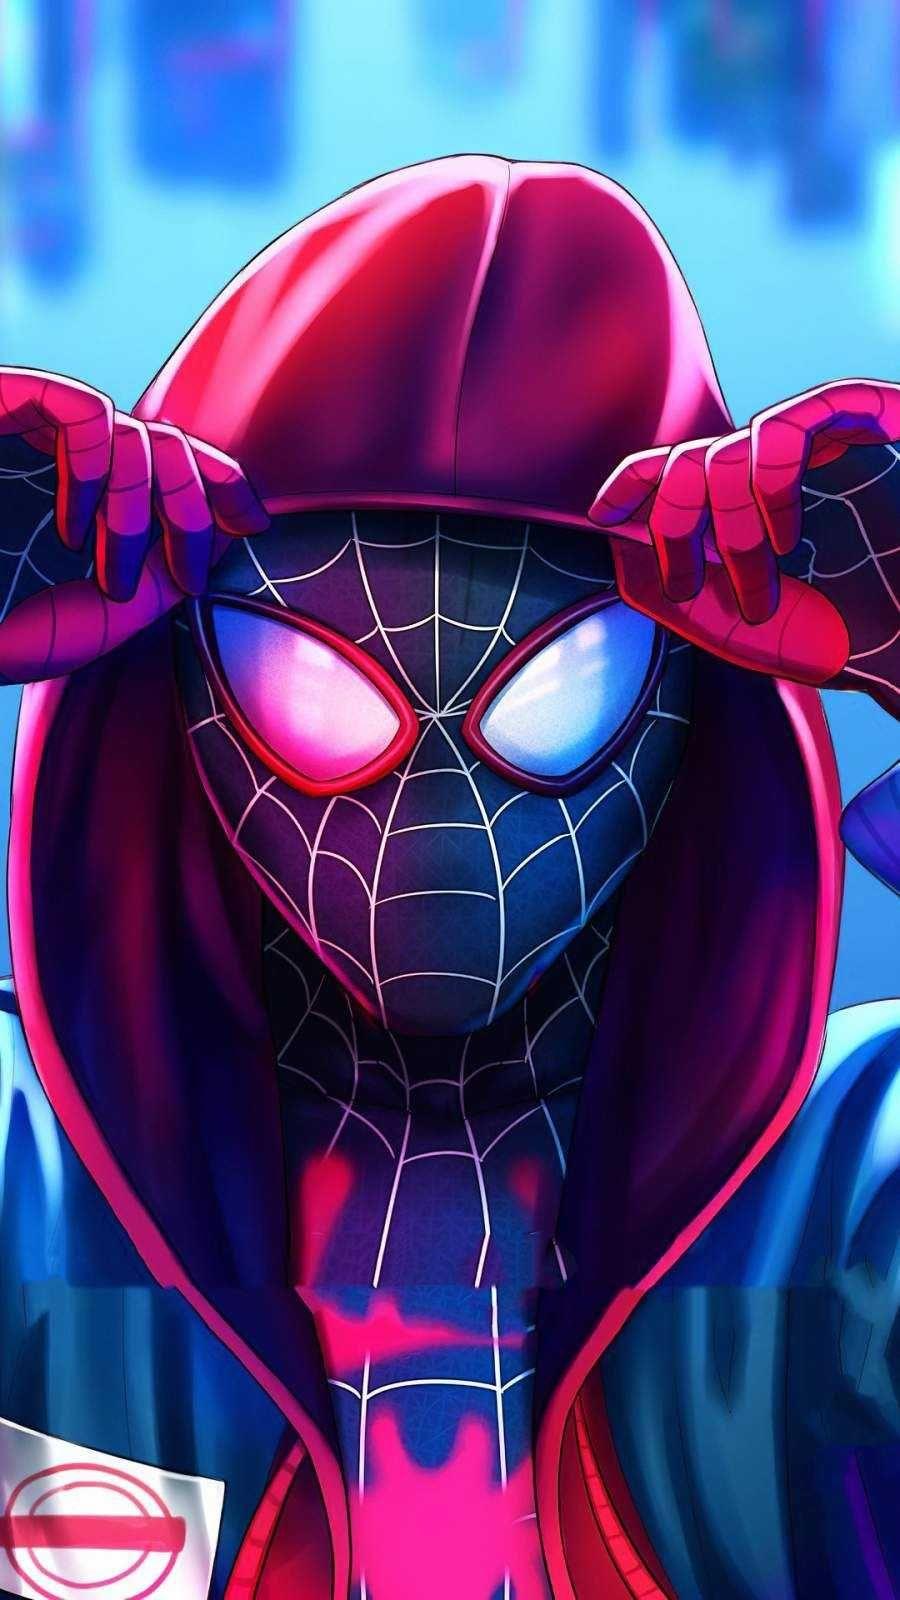 Spider Man Wallpaper - EnJpg